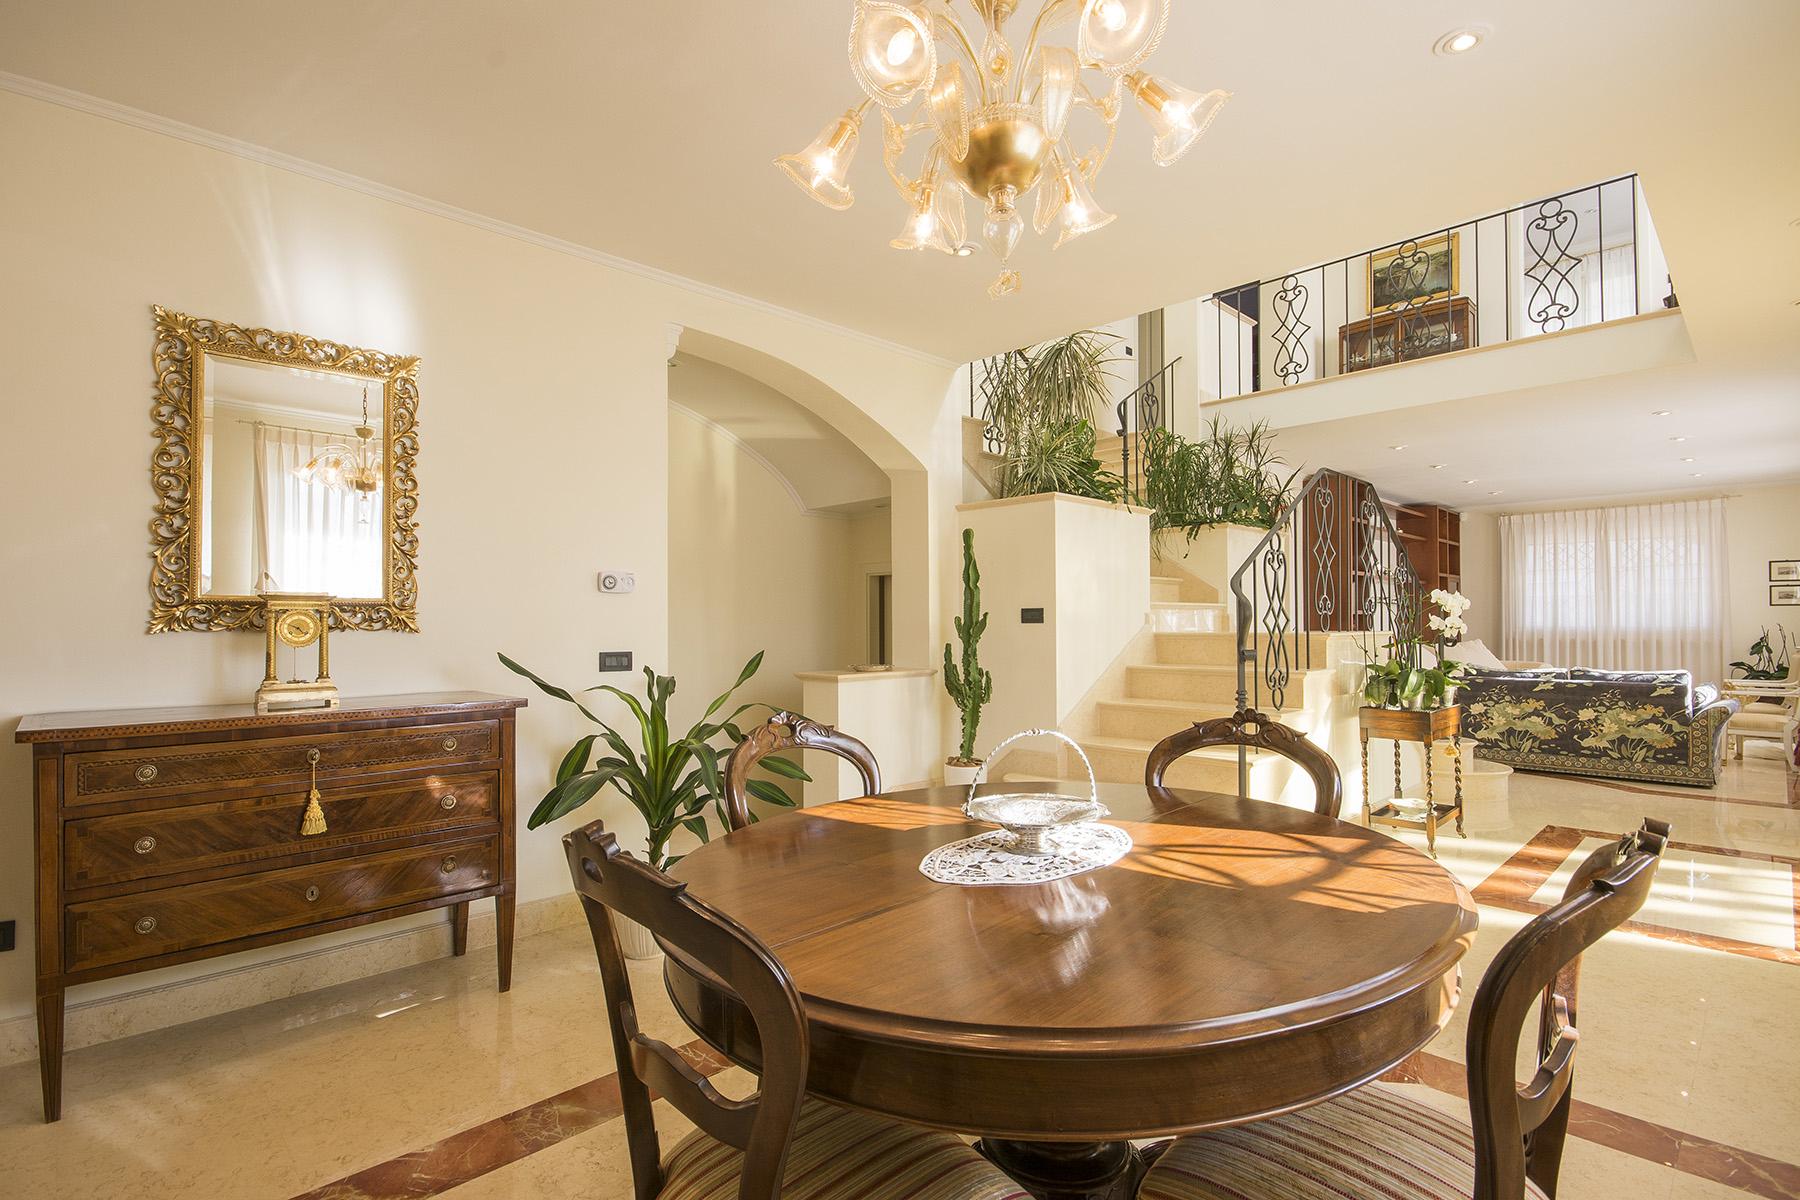 Casa indipendente in Vendita a Lucca: 5 locali, 300 mq - Foto 6